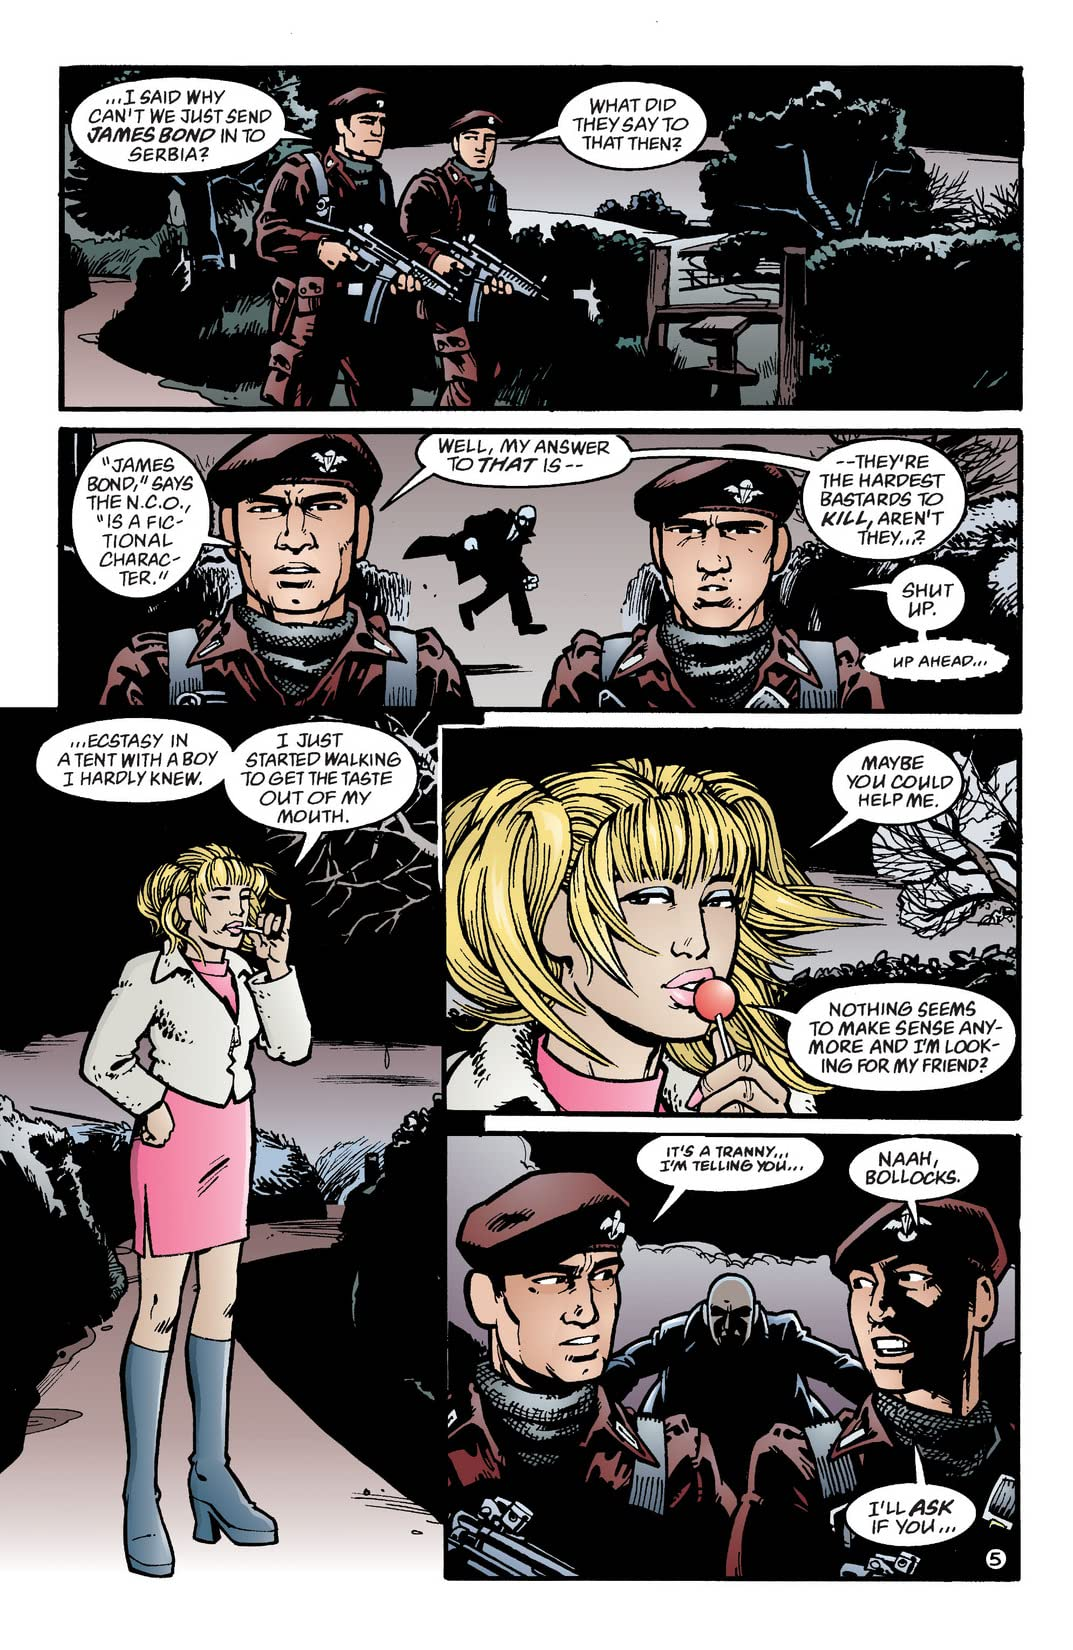 The Invisibles Vol. 3 #9